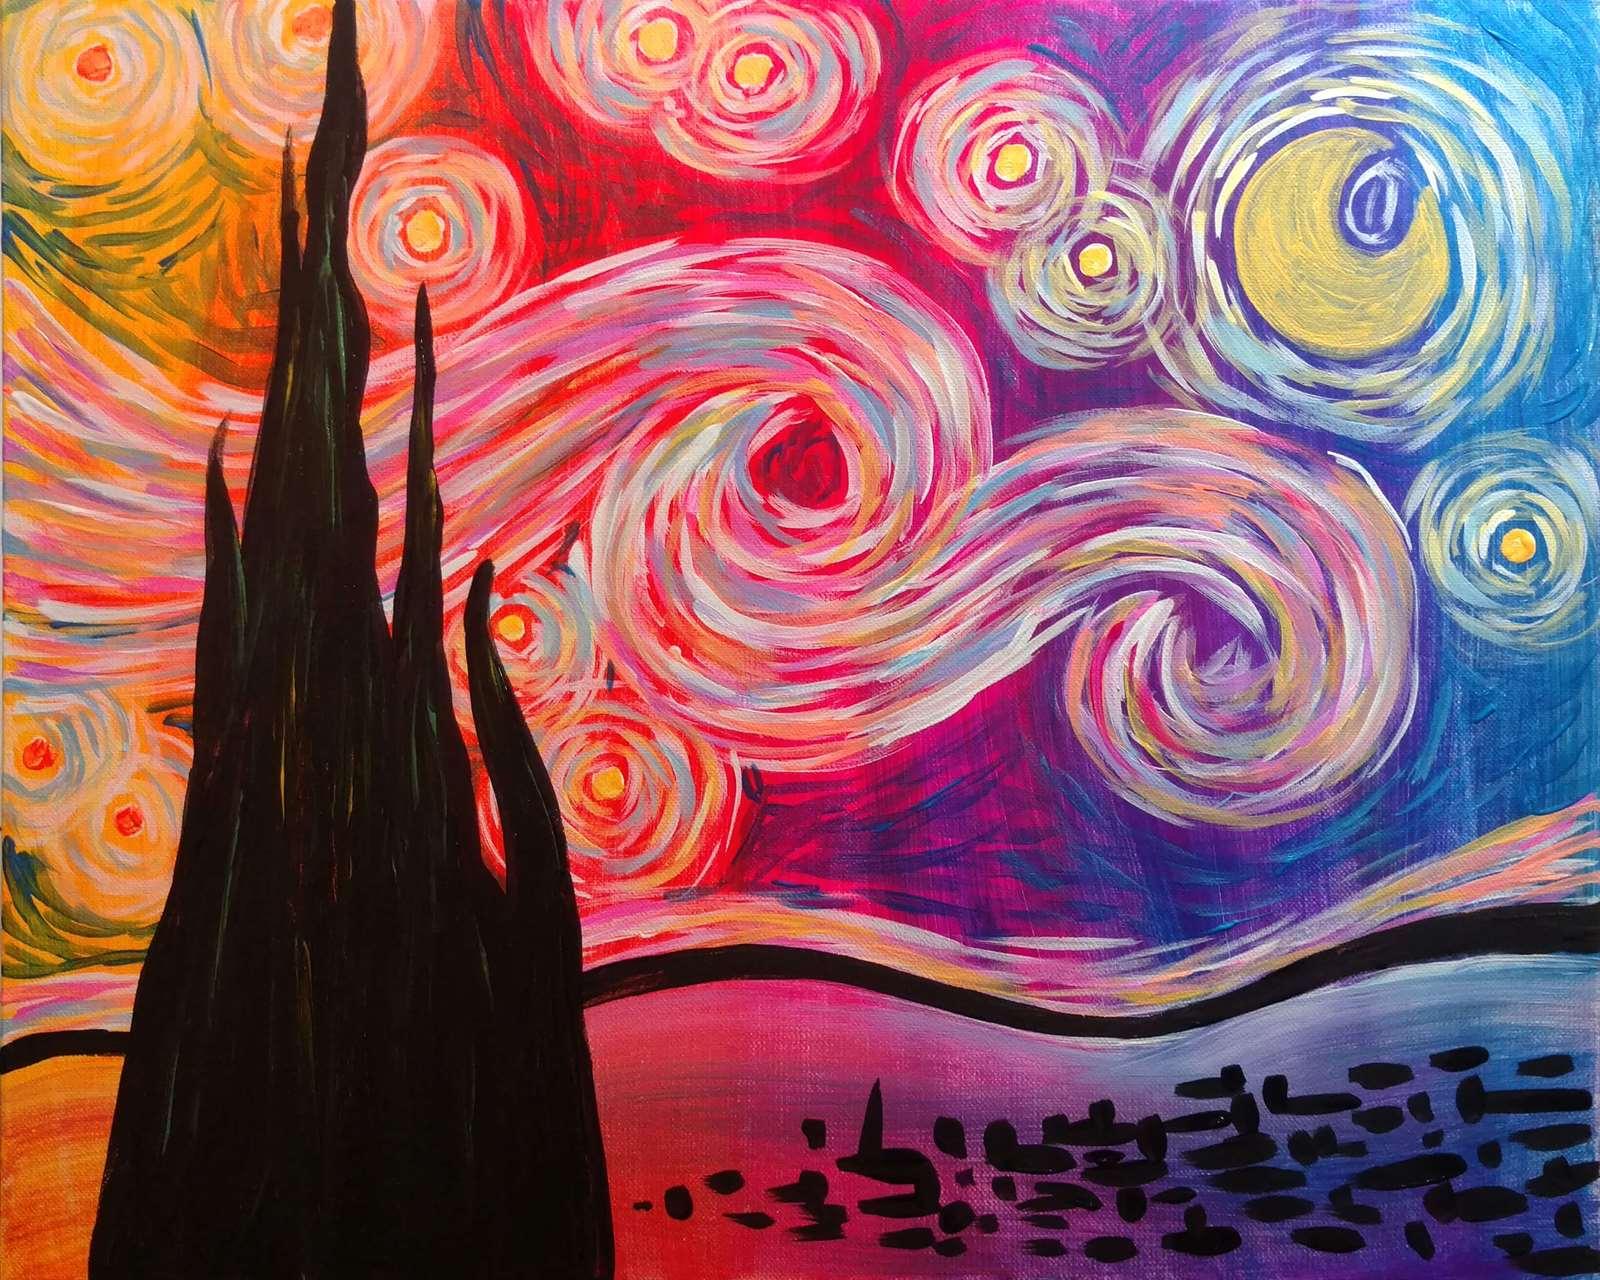 20+ Aliran Seni Lukis Di Dunia Yang Bervariasi (Lengkap) 4